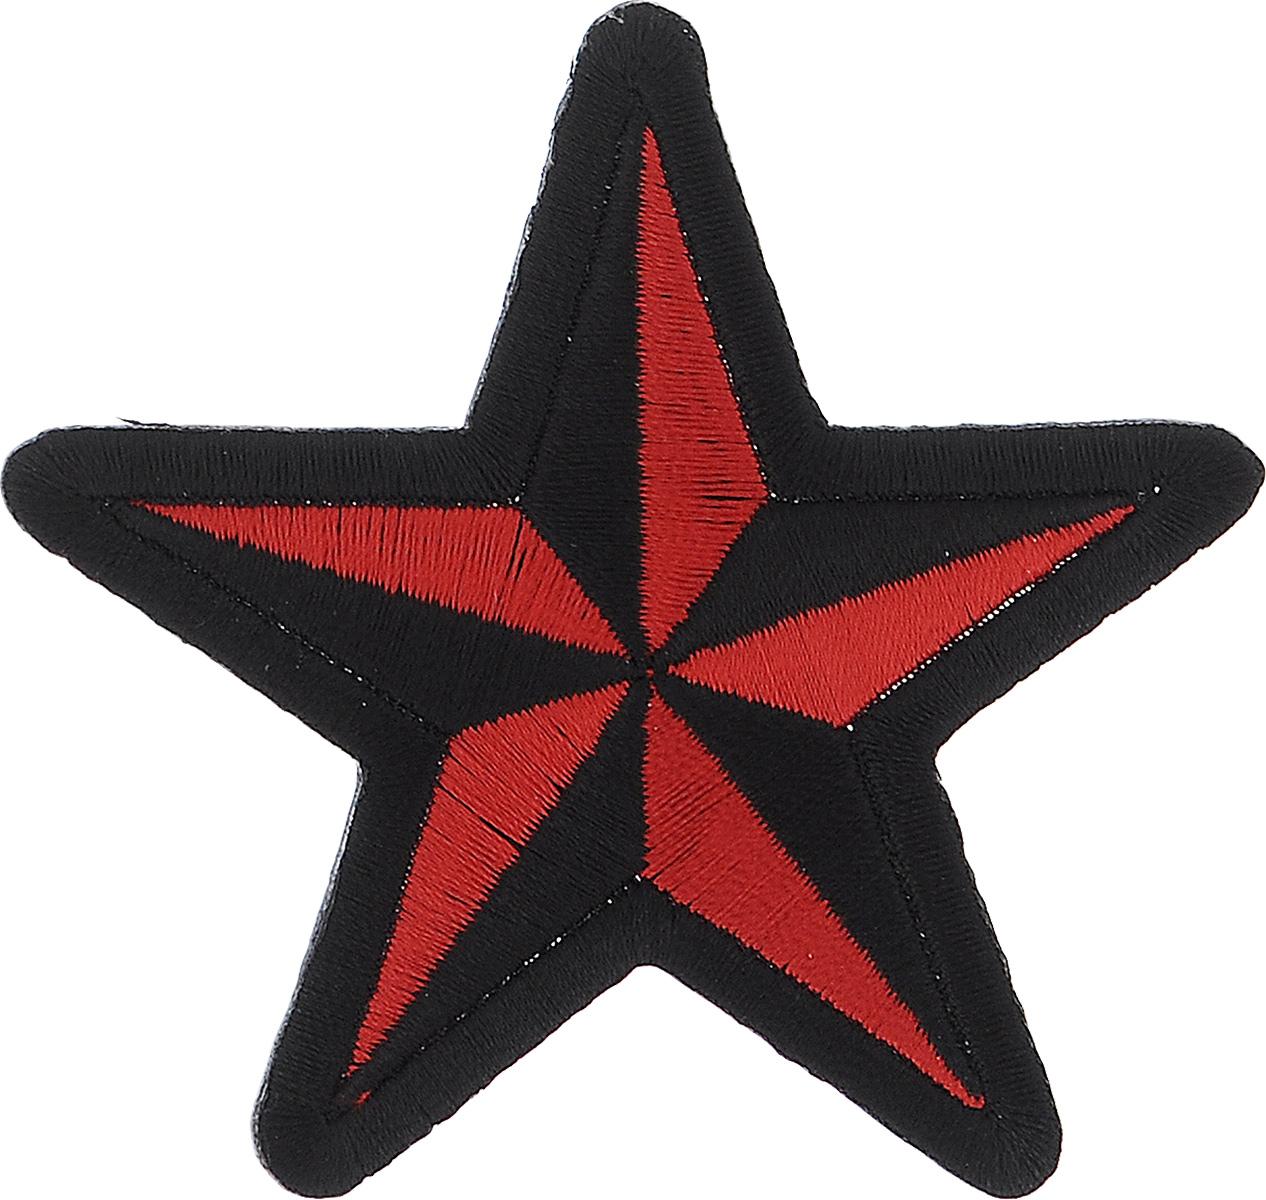 Термоаппликация Hobby&Pro Звезда, 7,5 х 7,5 см678060_ черный, красныйТермоаппликация Hobby&Pro Звезда изготовлена из текстиля. Изделие закрепляется на ткани при помощи утюга. Установите утюг на отметку Max, расположите аппликацию на изделии и прогладьте несколько раз через ткань с лицевой и изнаночной стороны. С такой термоаппликацией вы сможете обновить старые джинсы, рубашки, кофты, детскую одежду, вещь станет неповторимой и особенной.